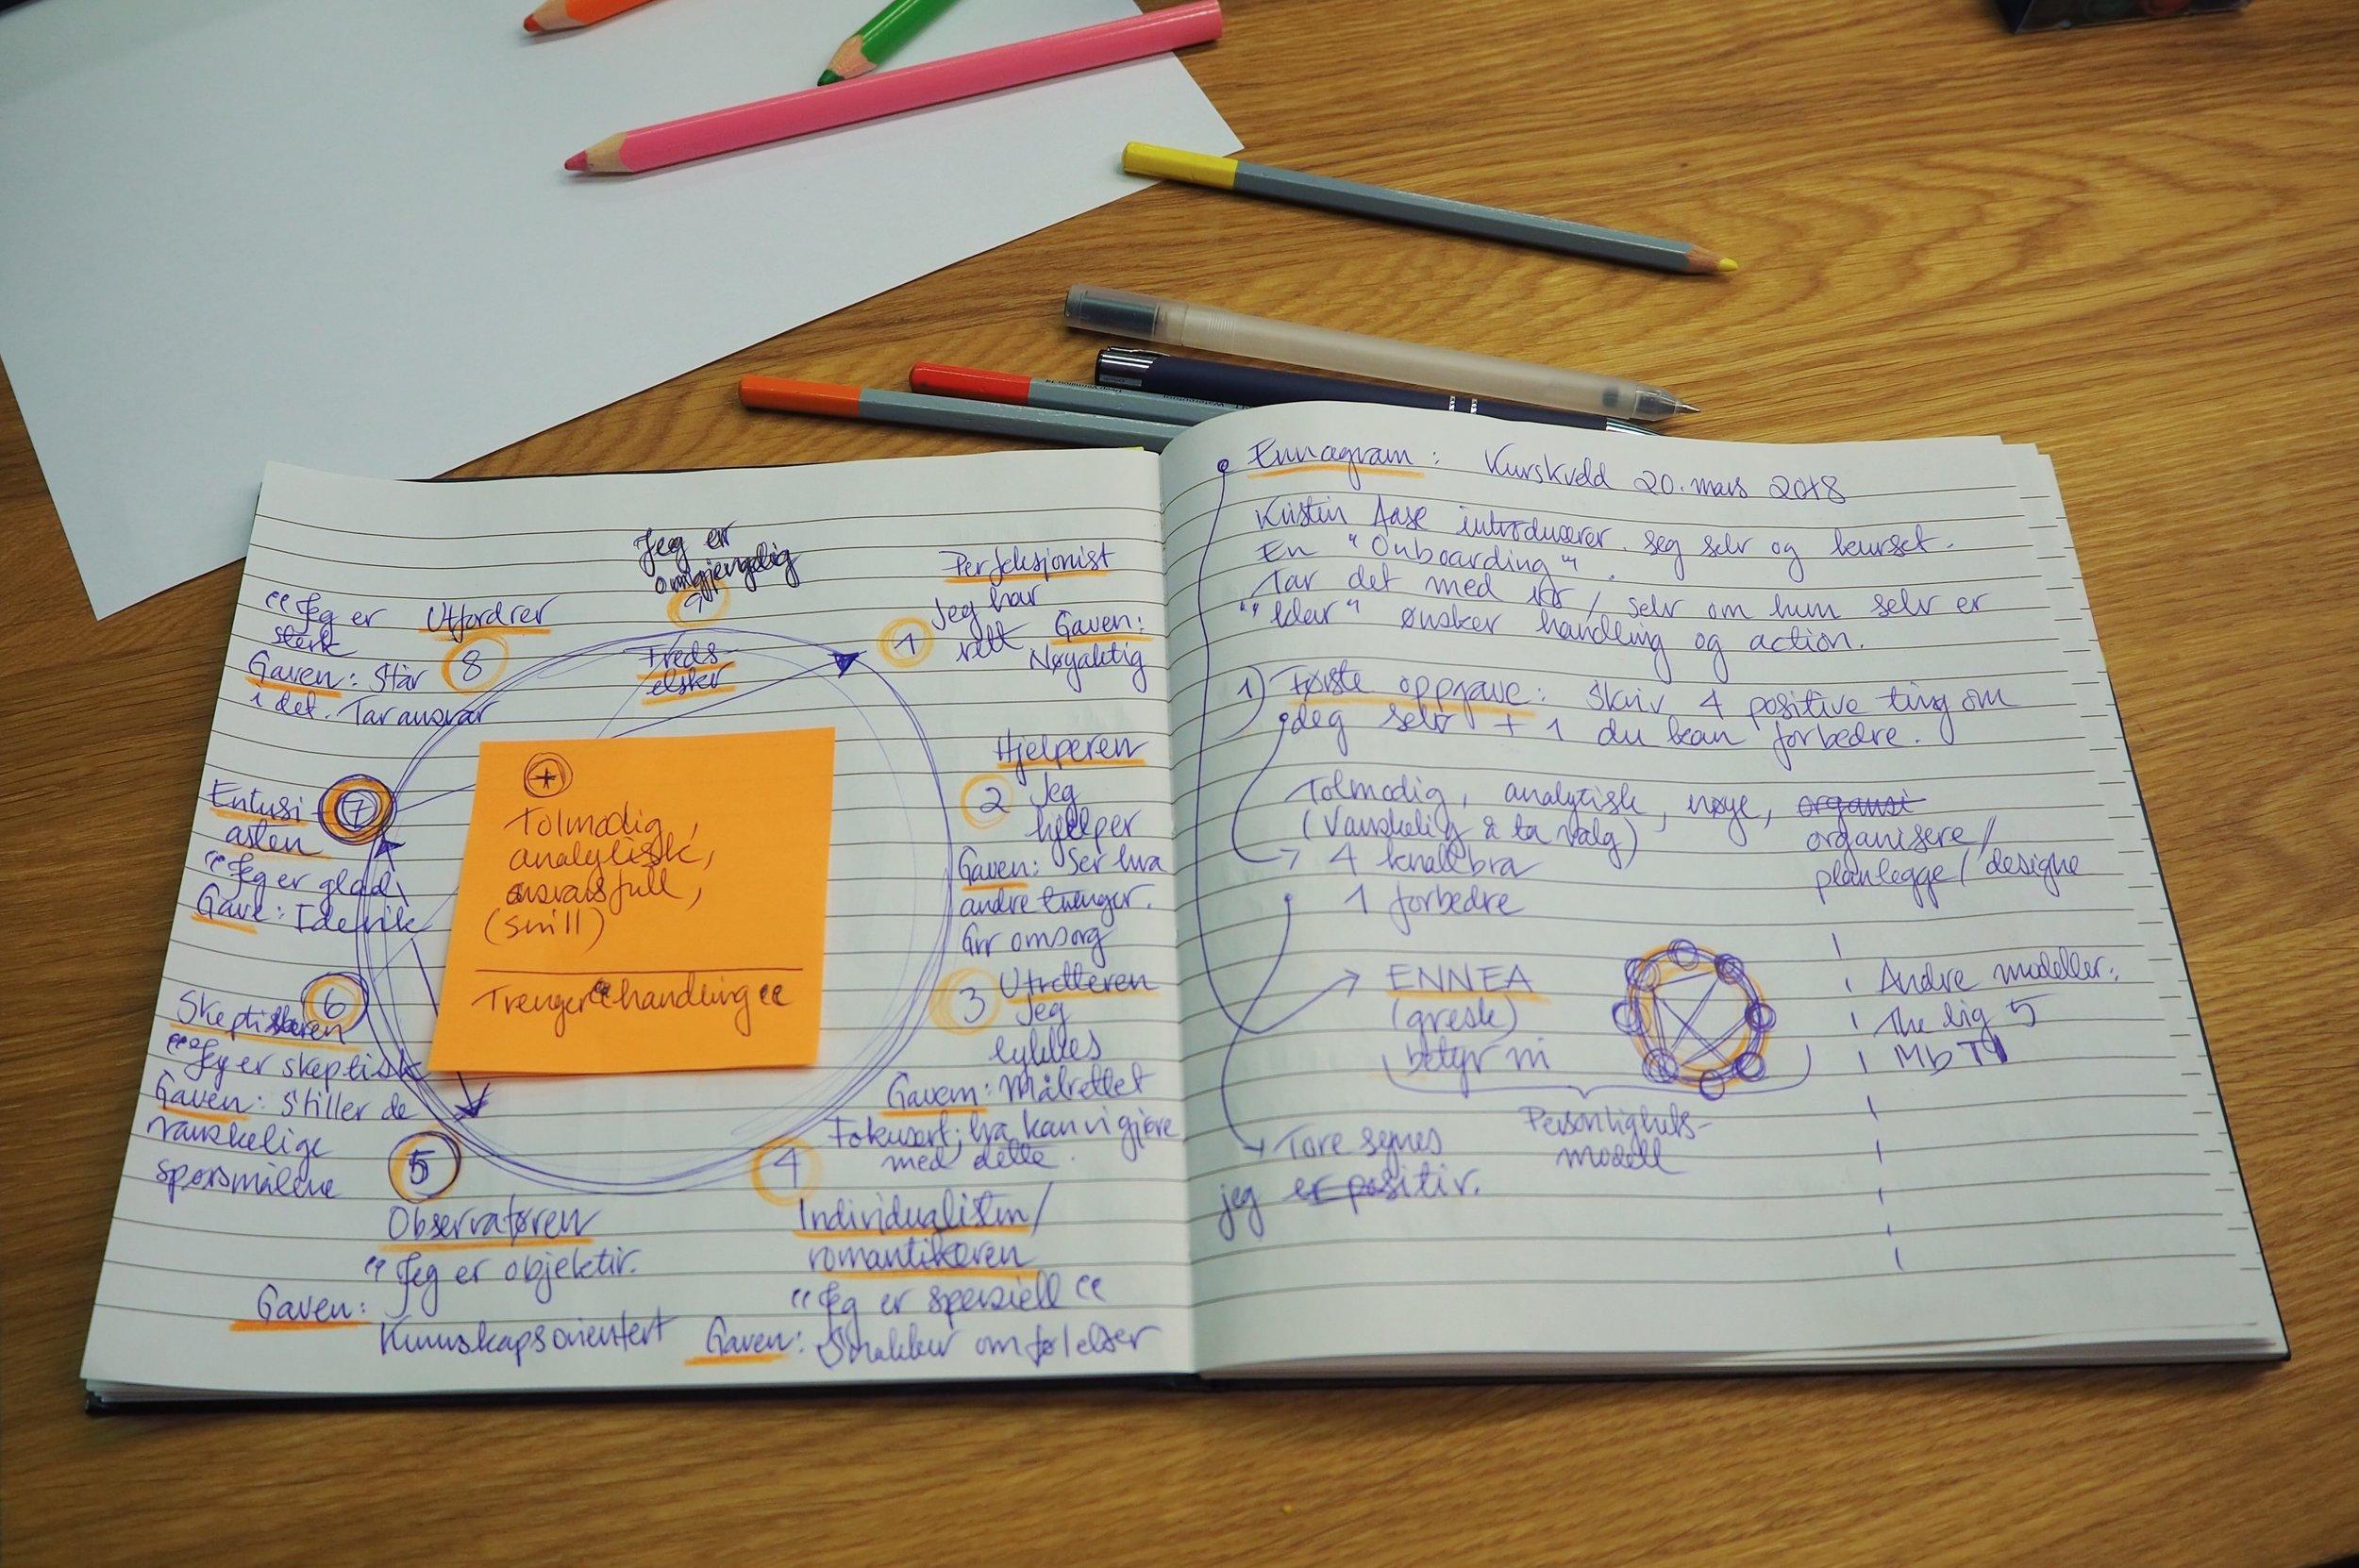 Linda Blaasværs illustrerte notater fra kurskvelden.